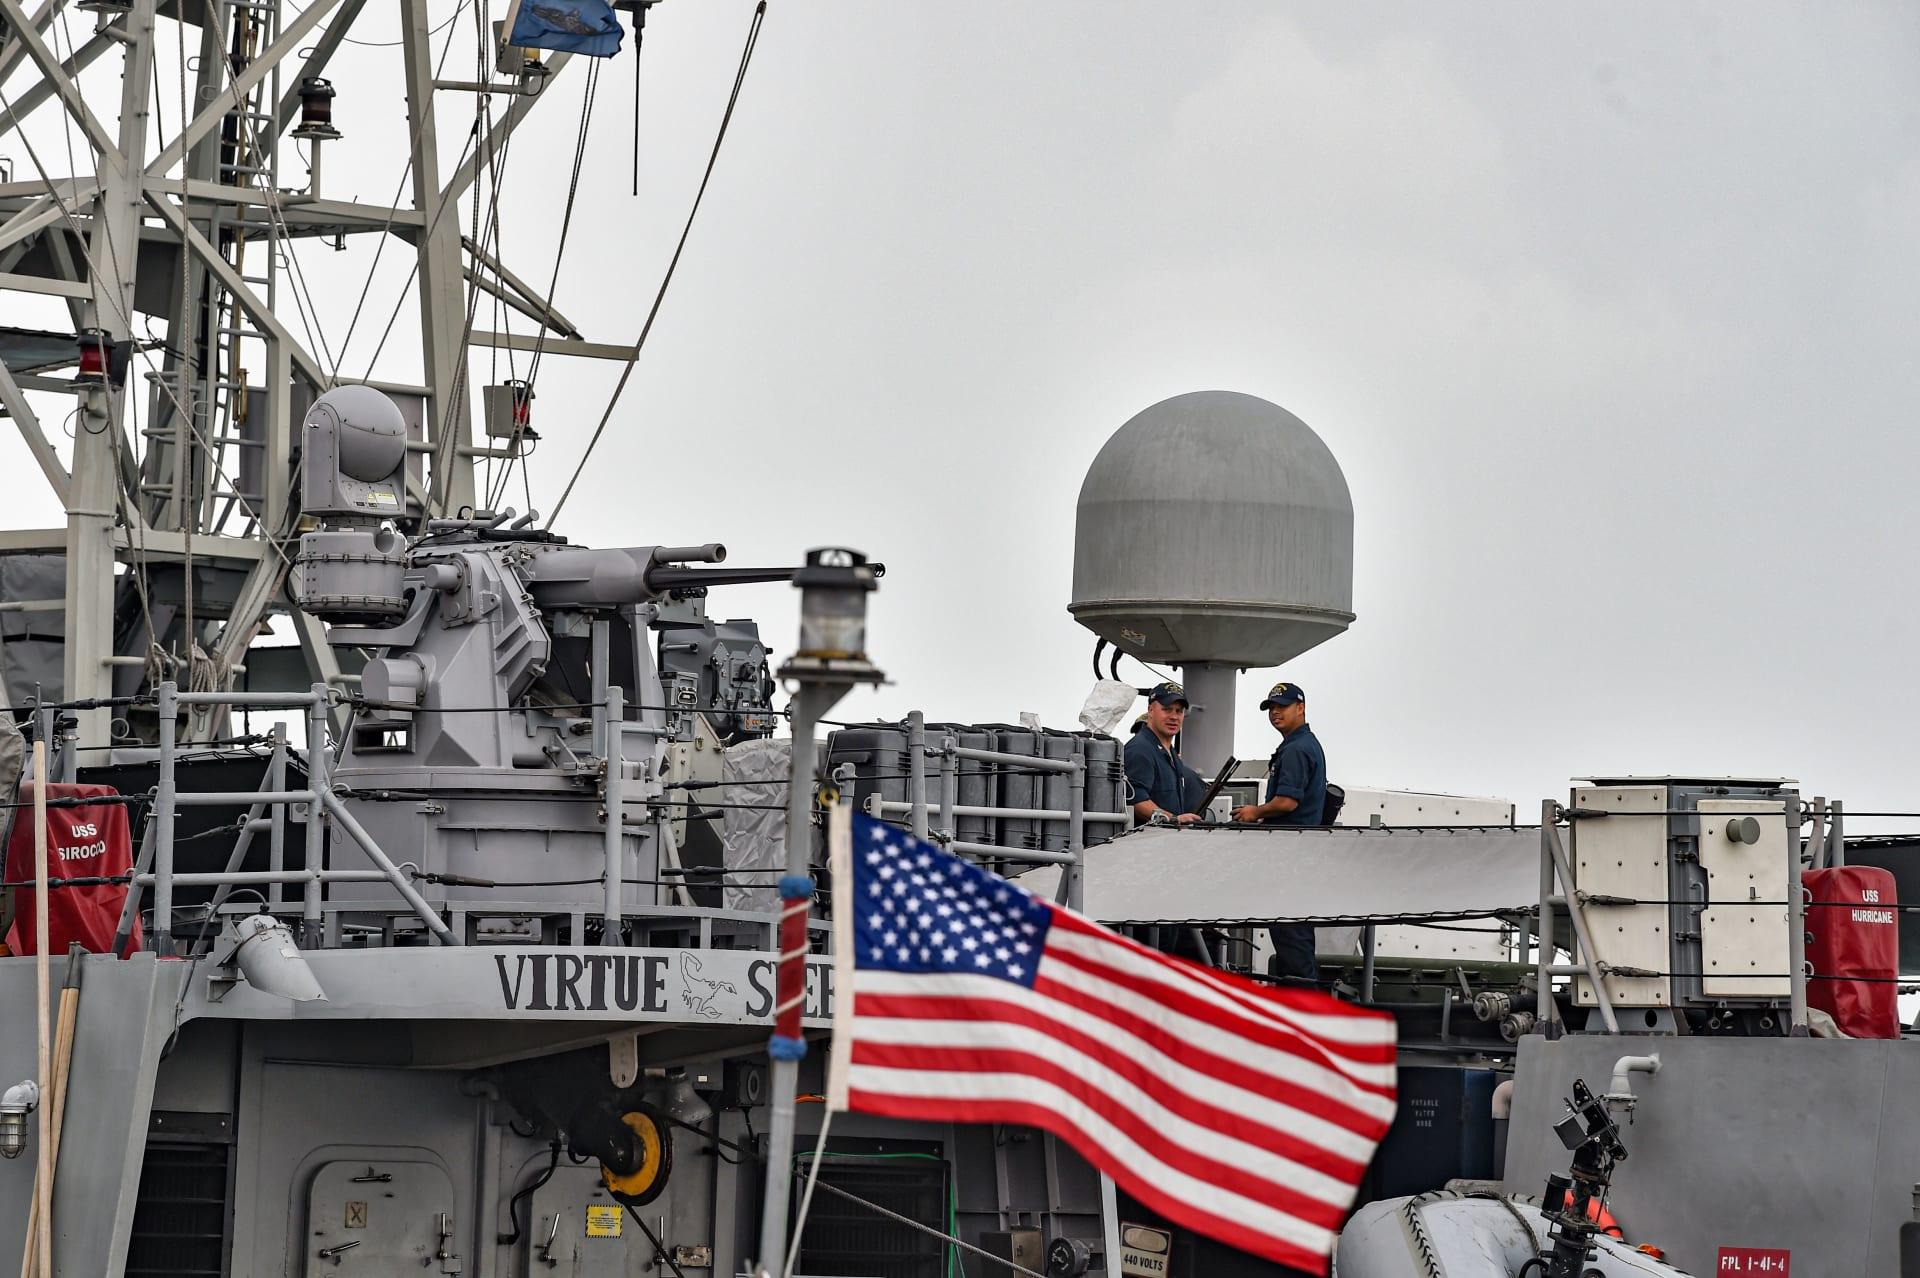 بحارة البحرية الأمريكية على متن سفينة دورية أثناء رسوهم في مقر قيادة الأسطول الأمريكي الخامس في العاصمة البحرينية المنامة - 17 ديسمبر 2019